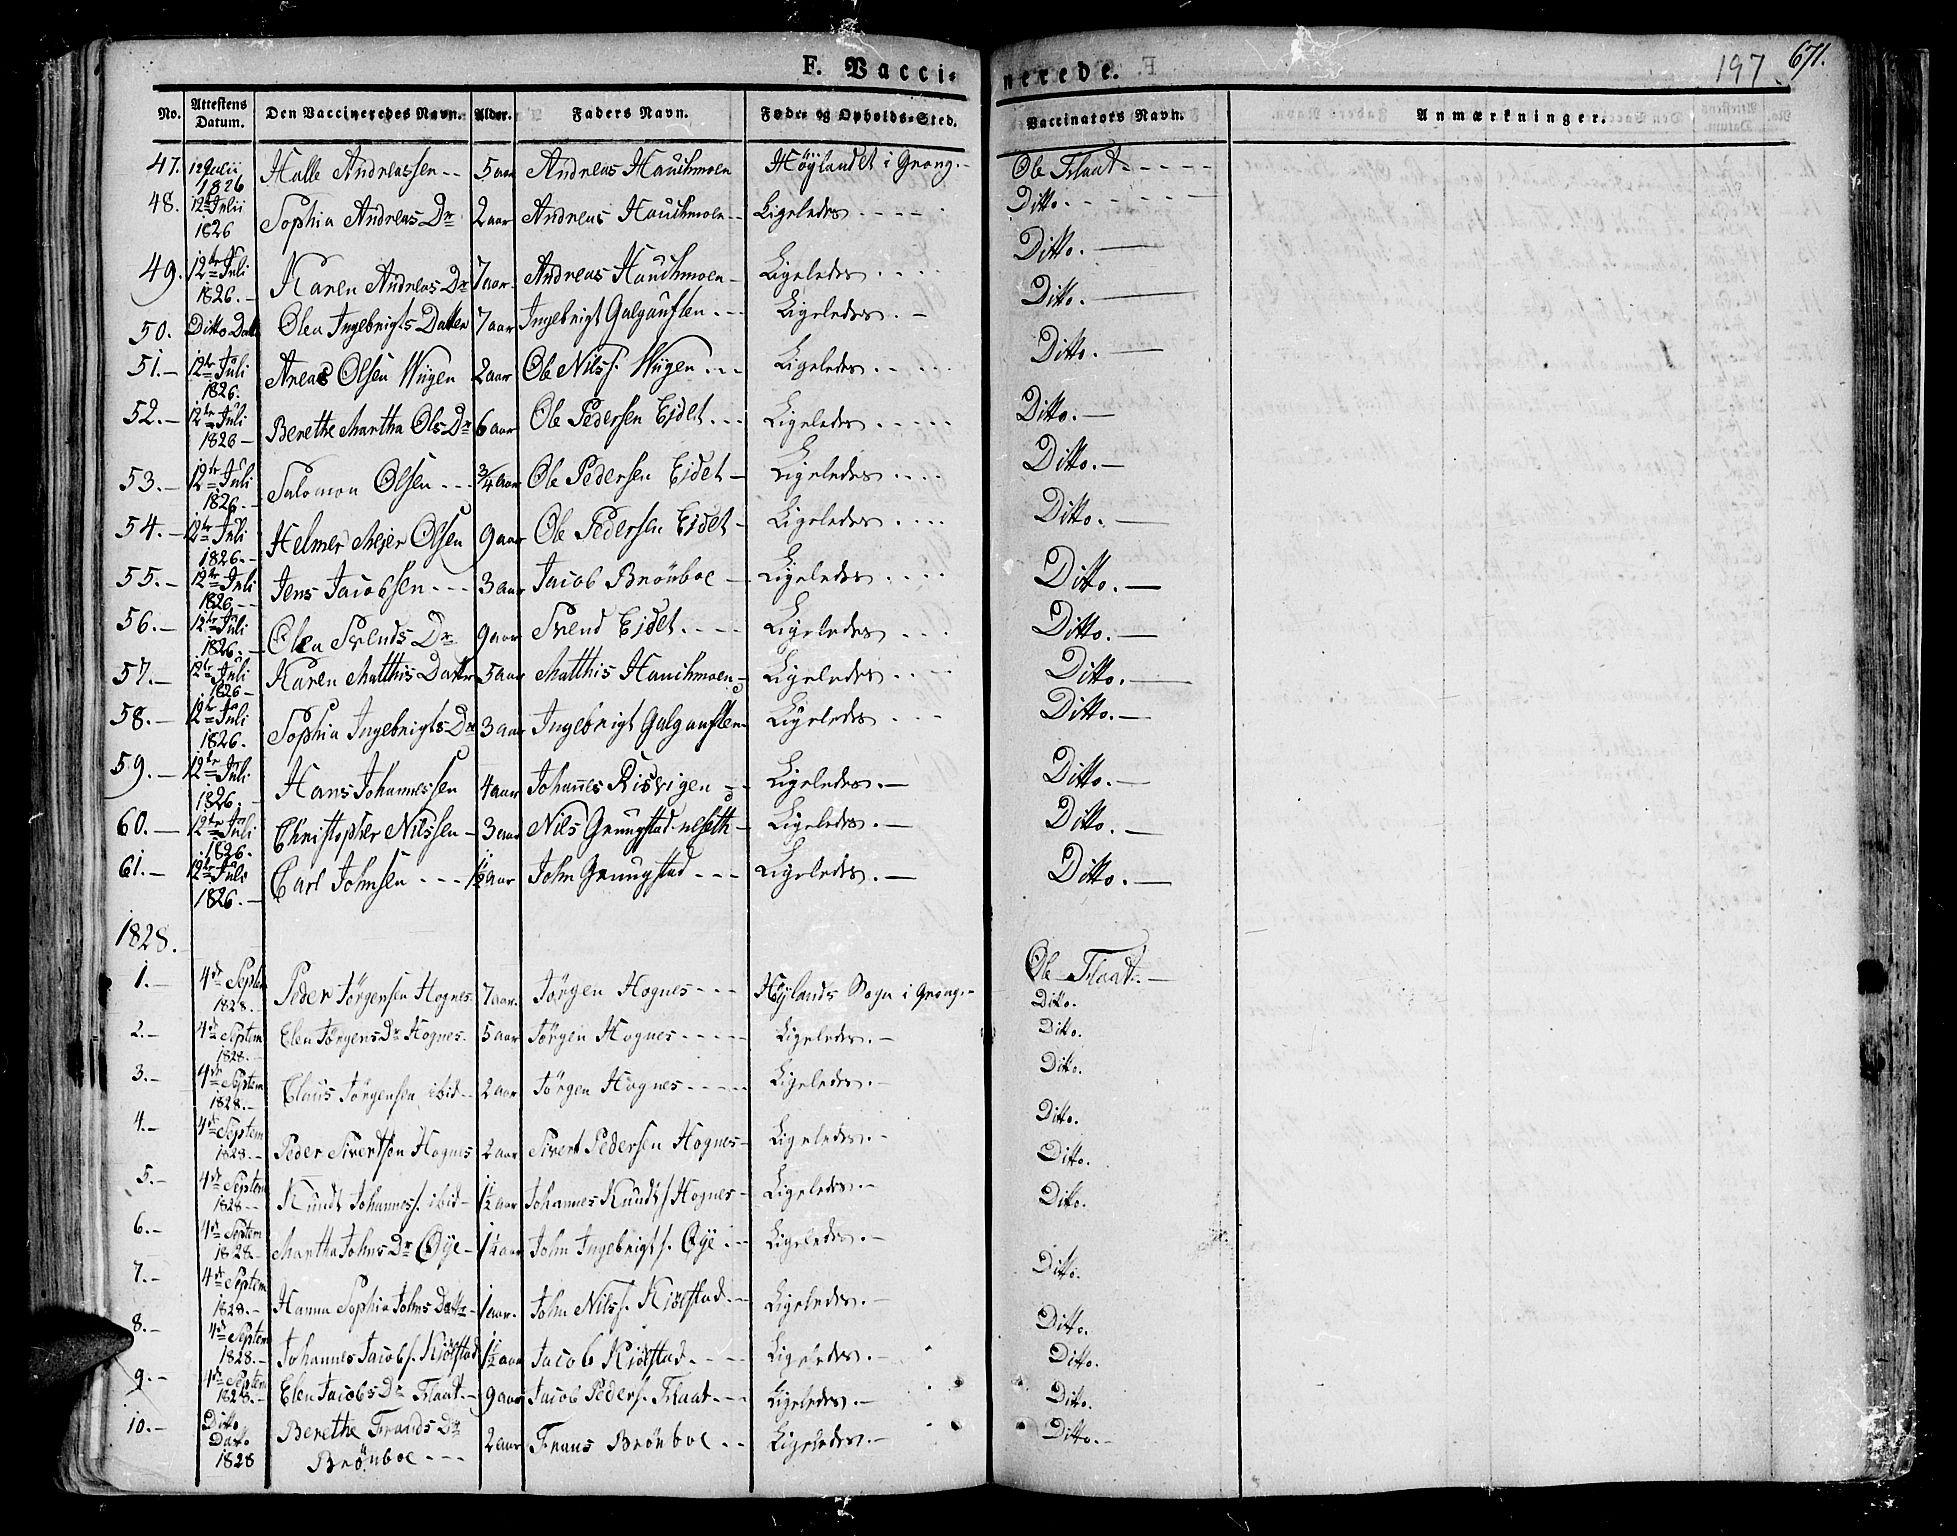 SAT, Ministerialprotokoller, klokkerbøker og fødselsregistre - Nord-Trøndelag, 758/L0510: Ministerialbok nr. 758A01 /1, 1821-1841, s. 197